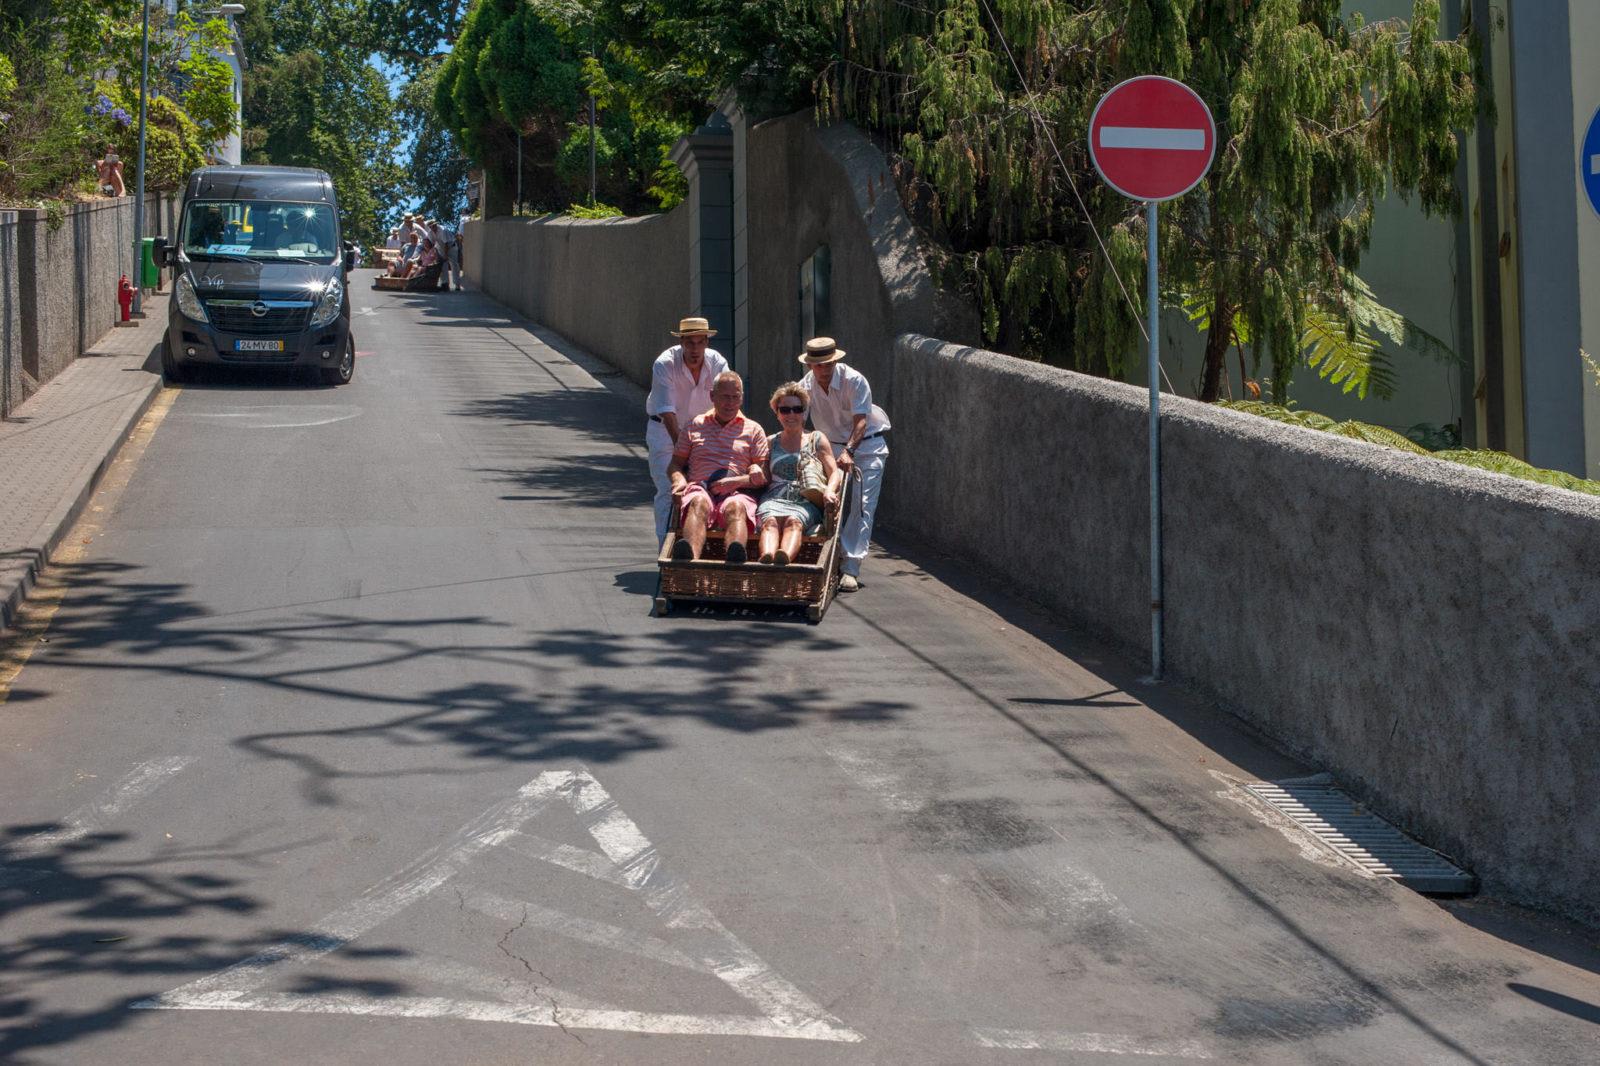 Деревянные сани, мчащиеся по общественной улице (фото: Michael Hanisch)